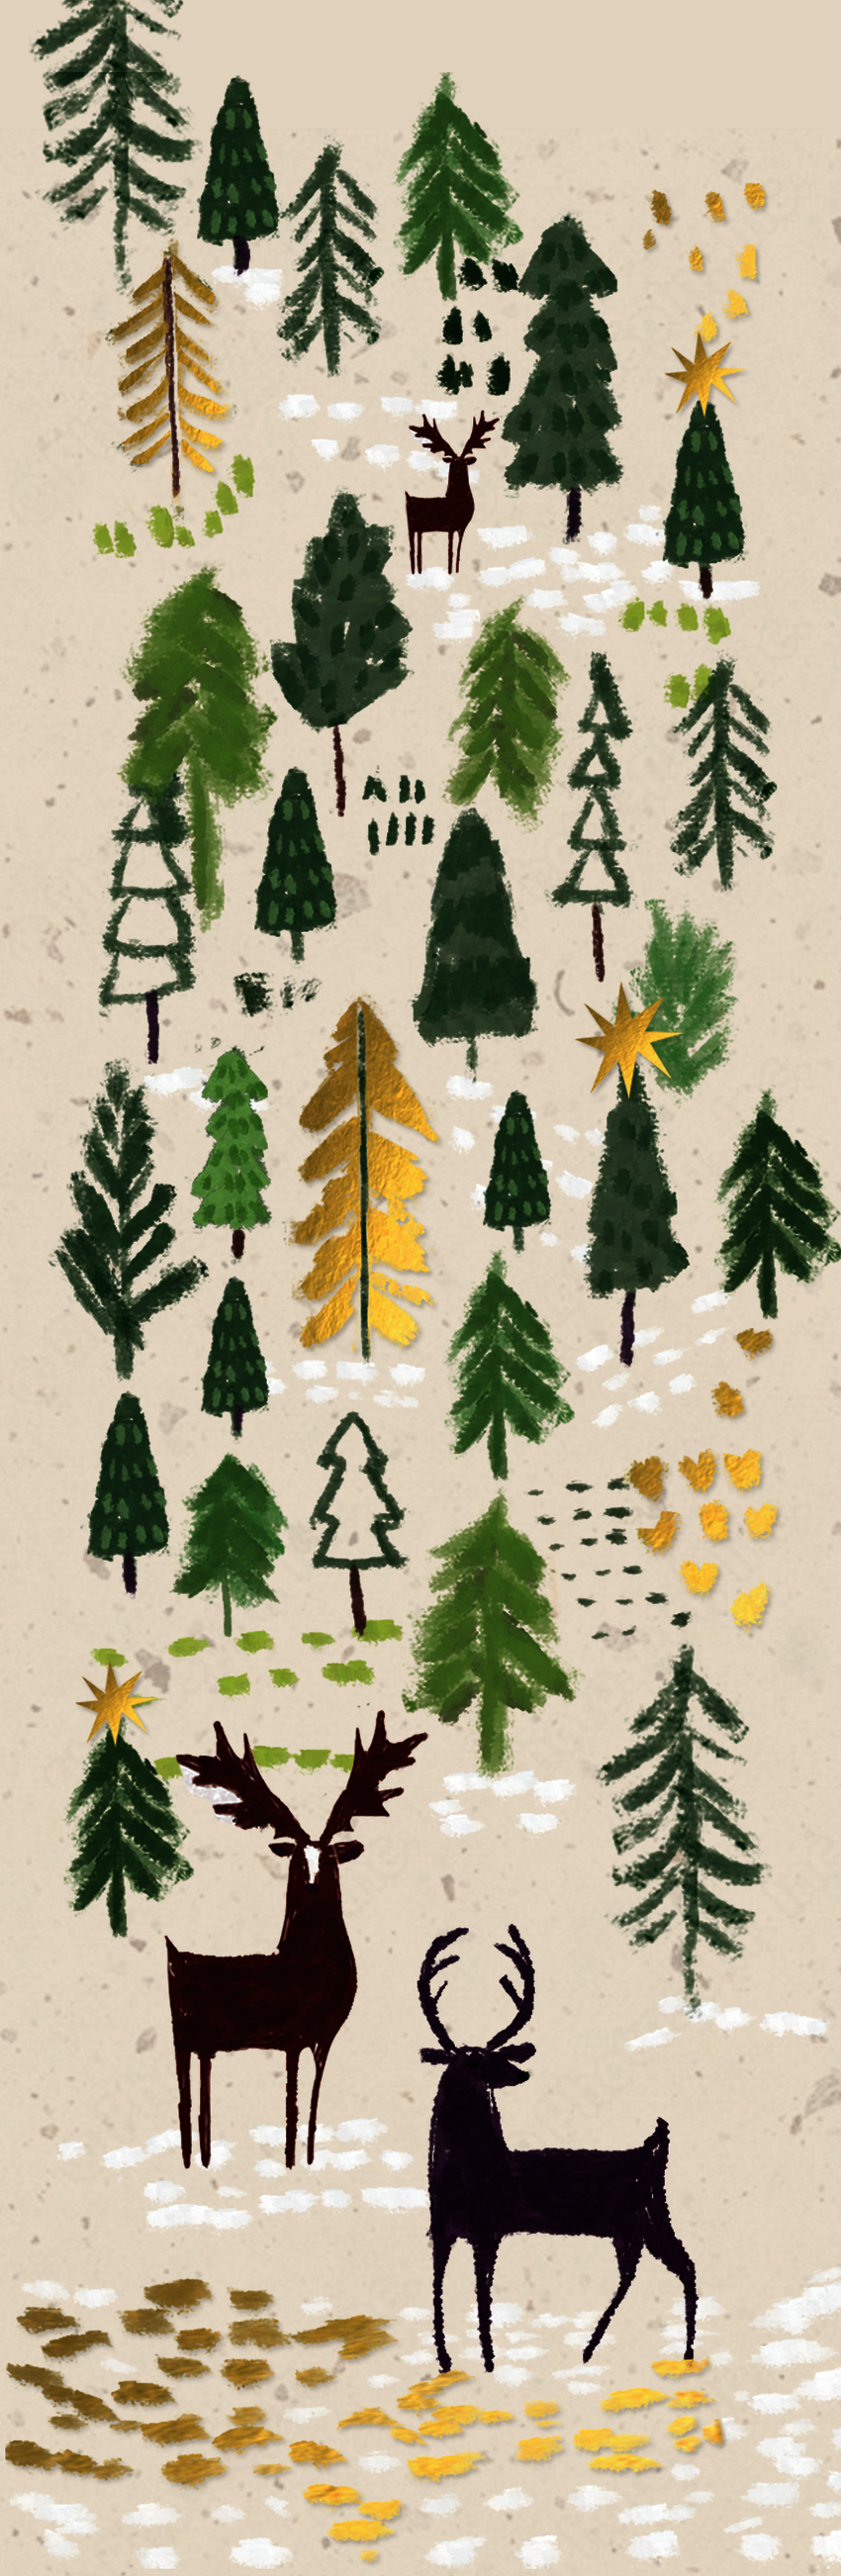 TREES DEER.jpg